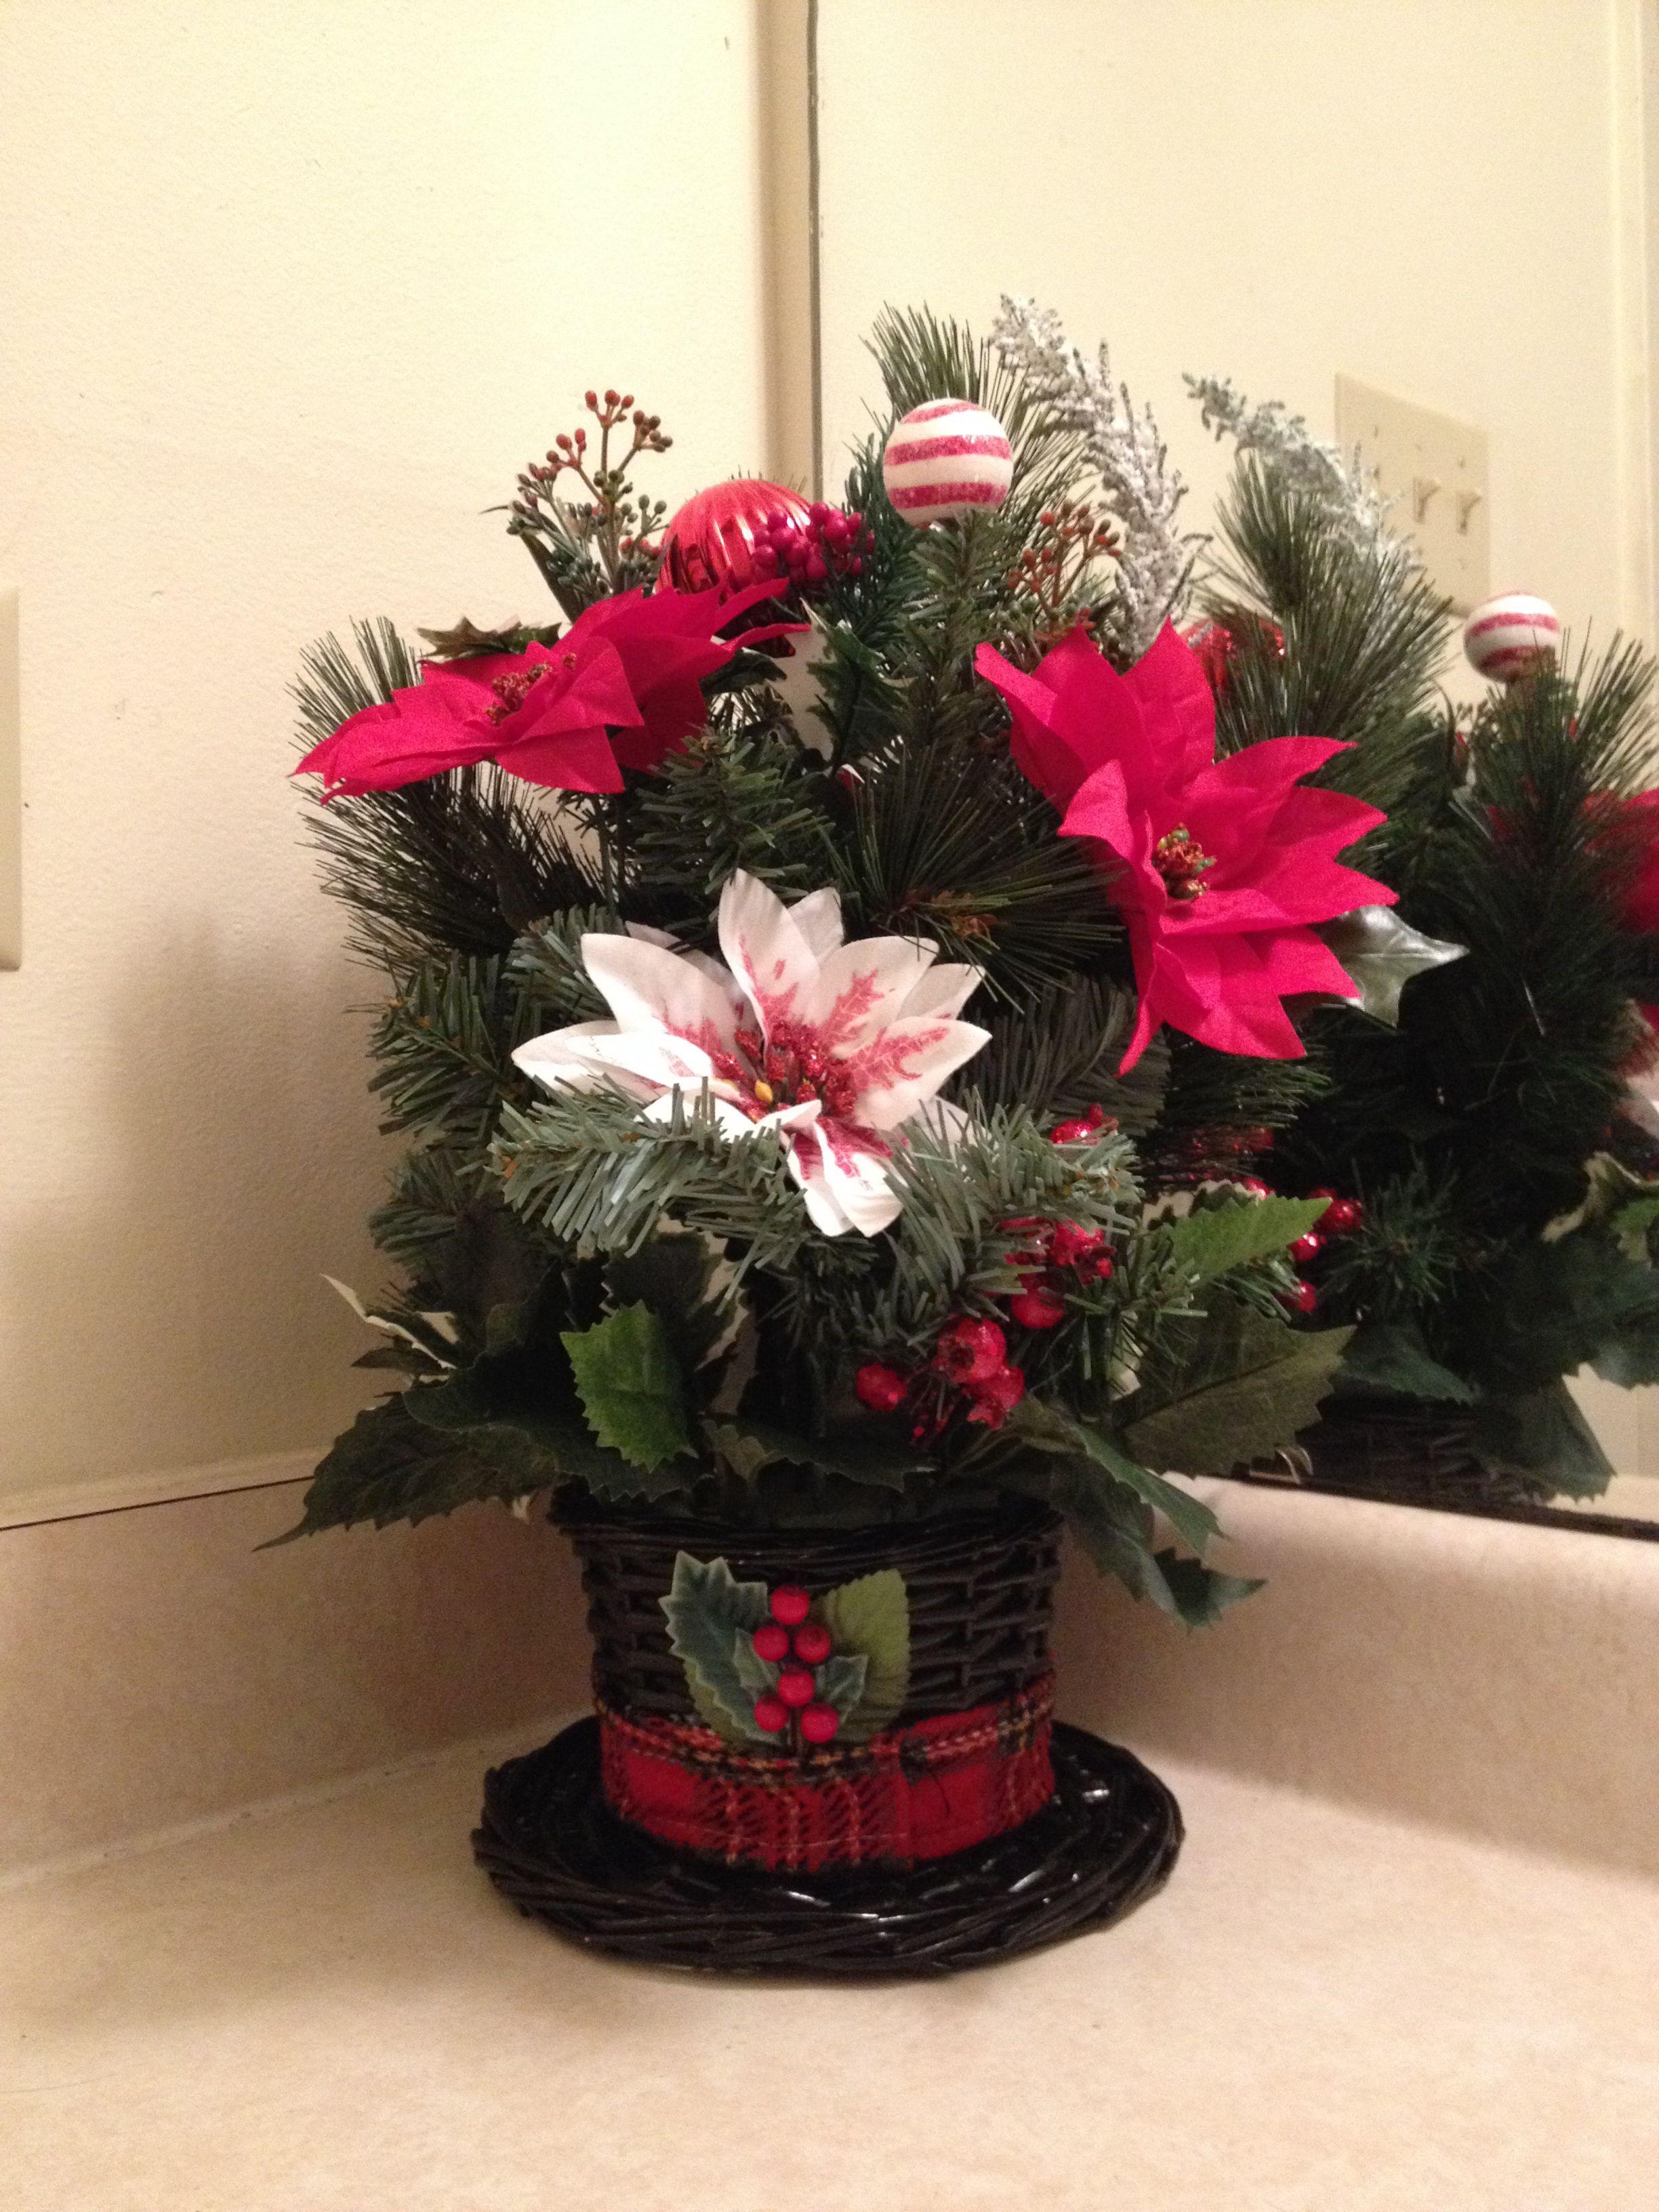 Snowman hat arrangement Christmas floral arrangements